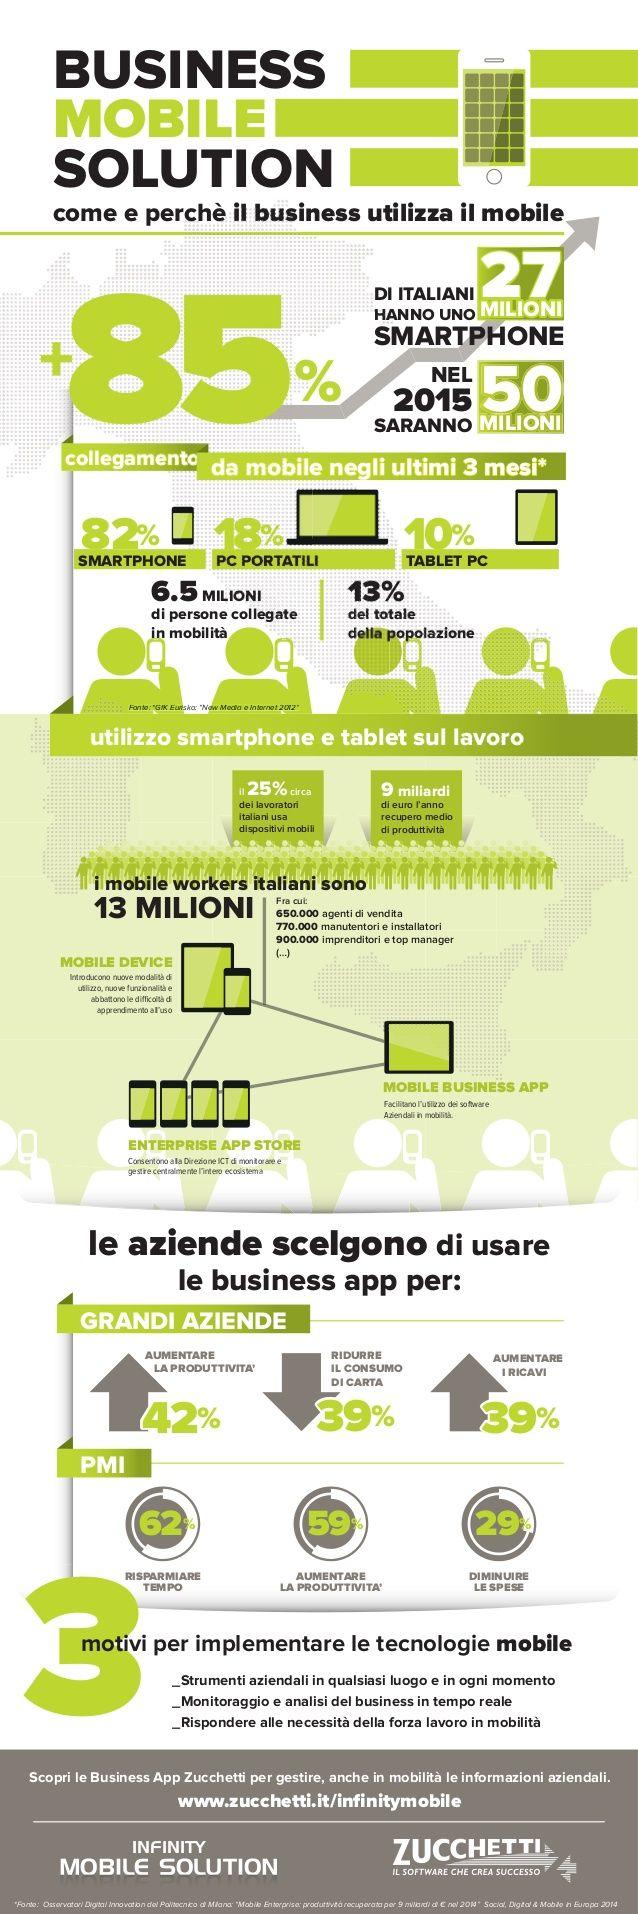 Come e perchè il business usa il Mobile e le Business App